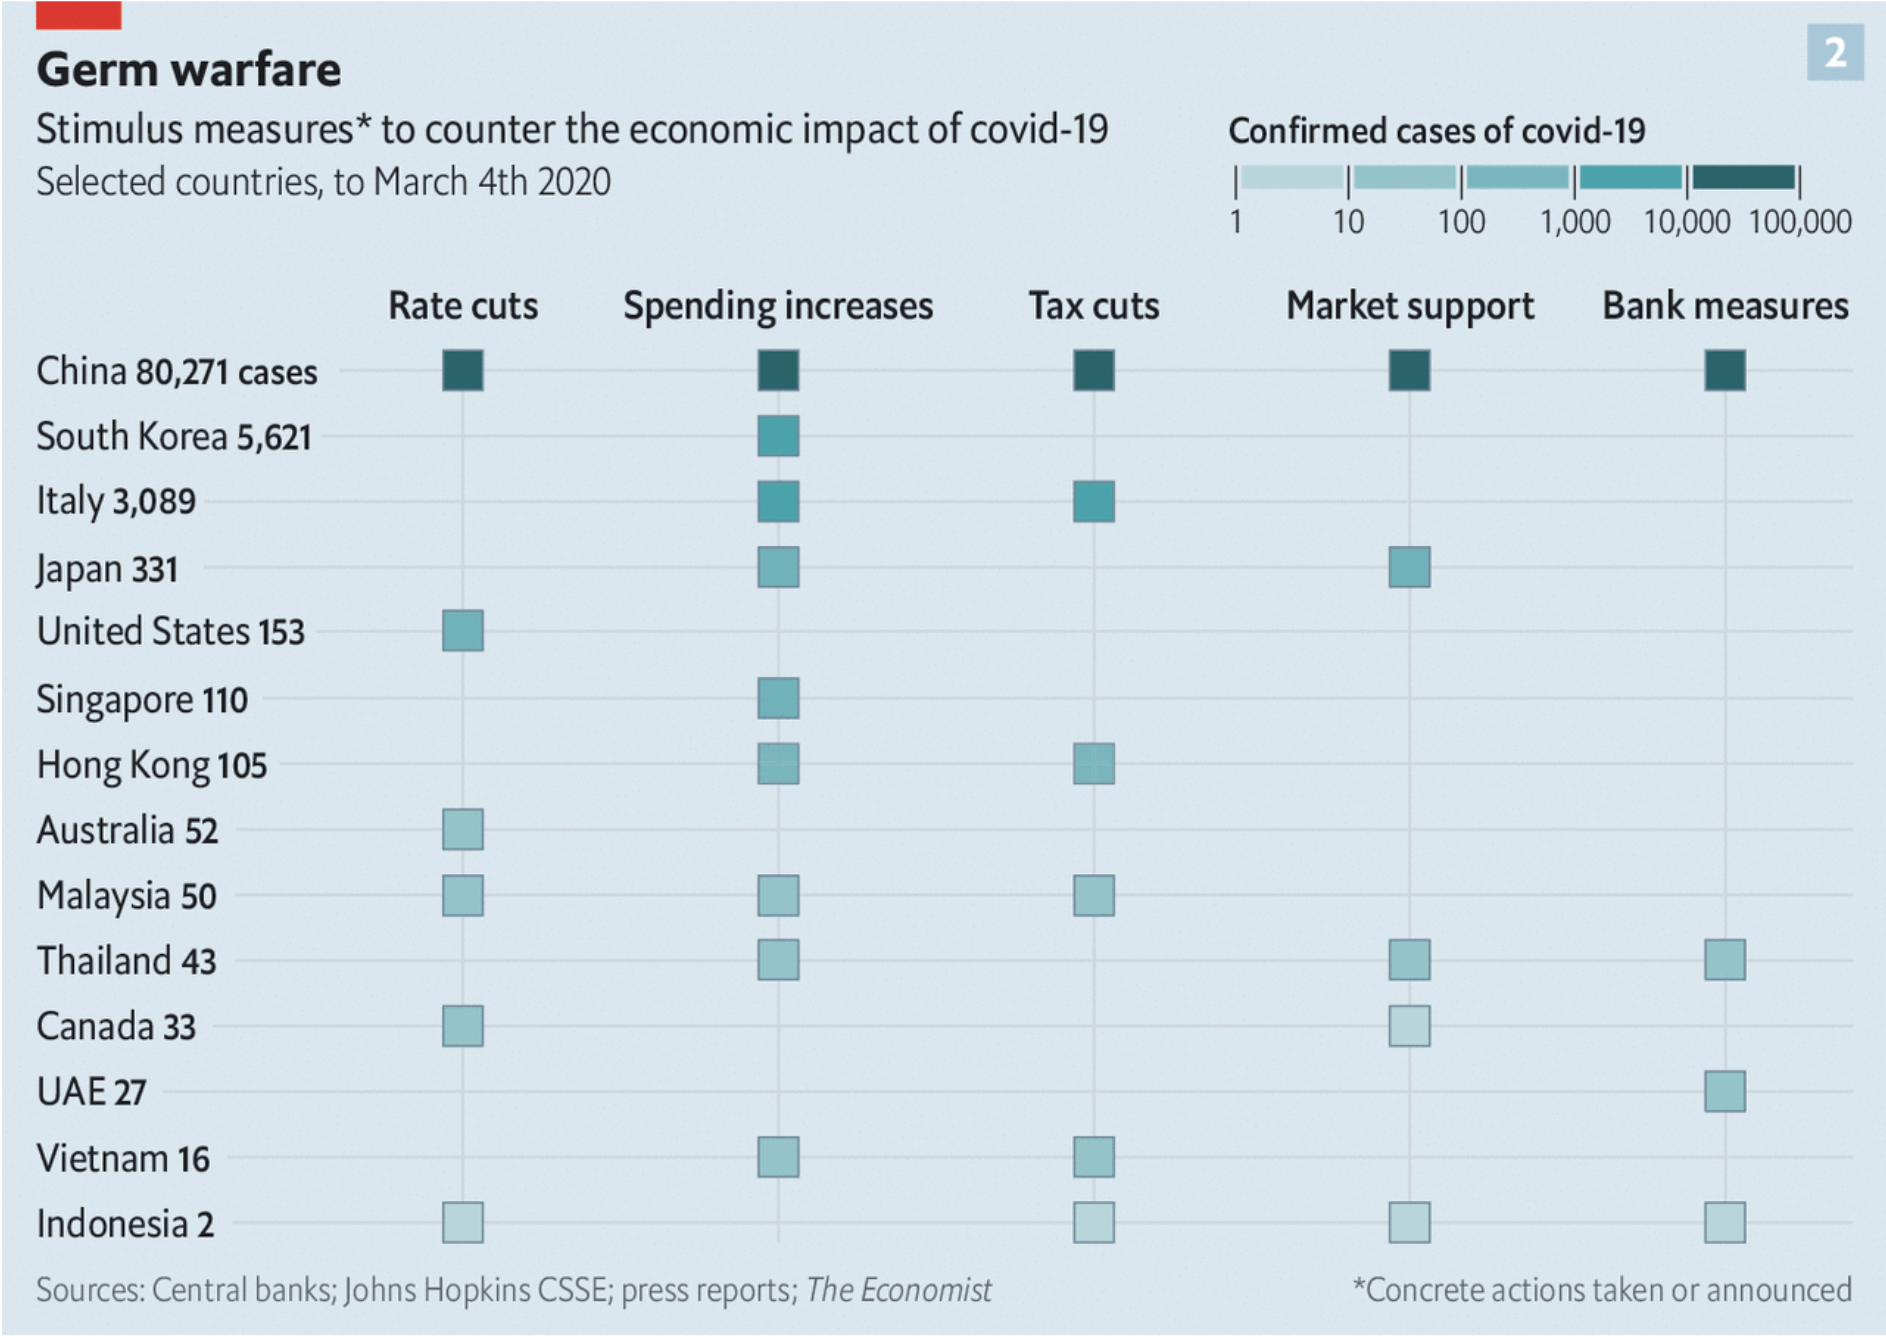 A világon a COVID-19-re válaszul hozott gazdasági ösztönző intézkedések